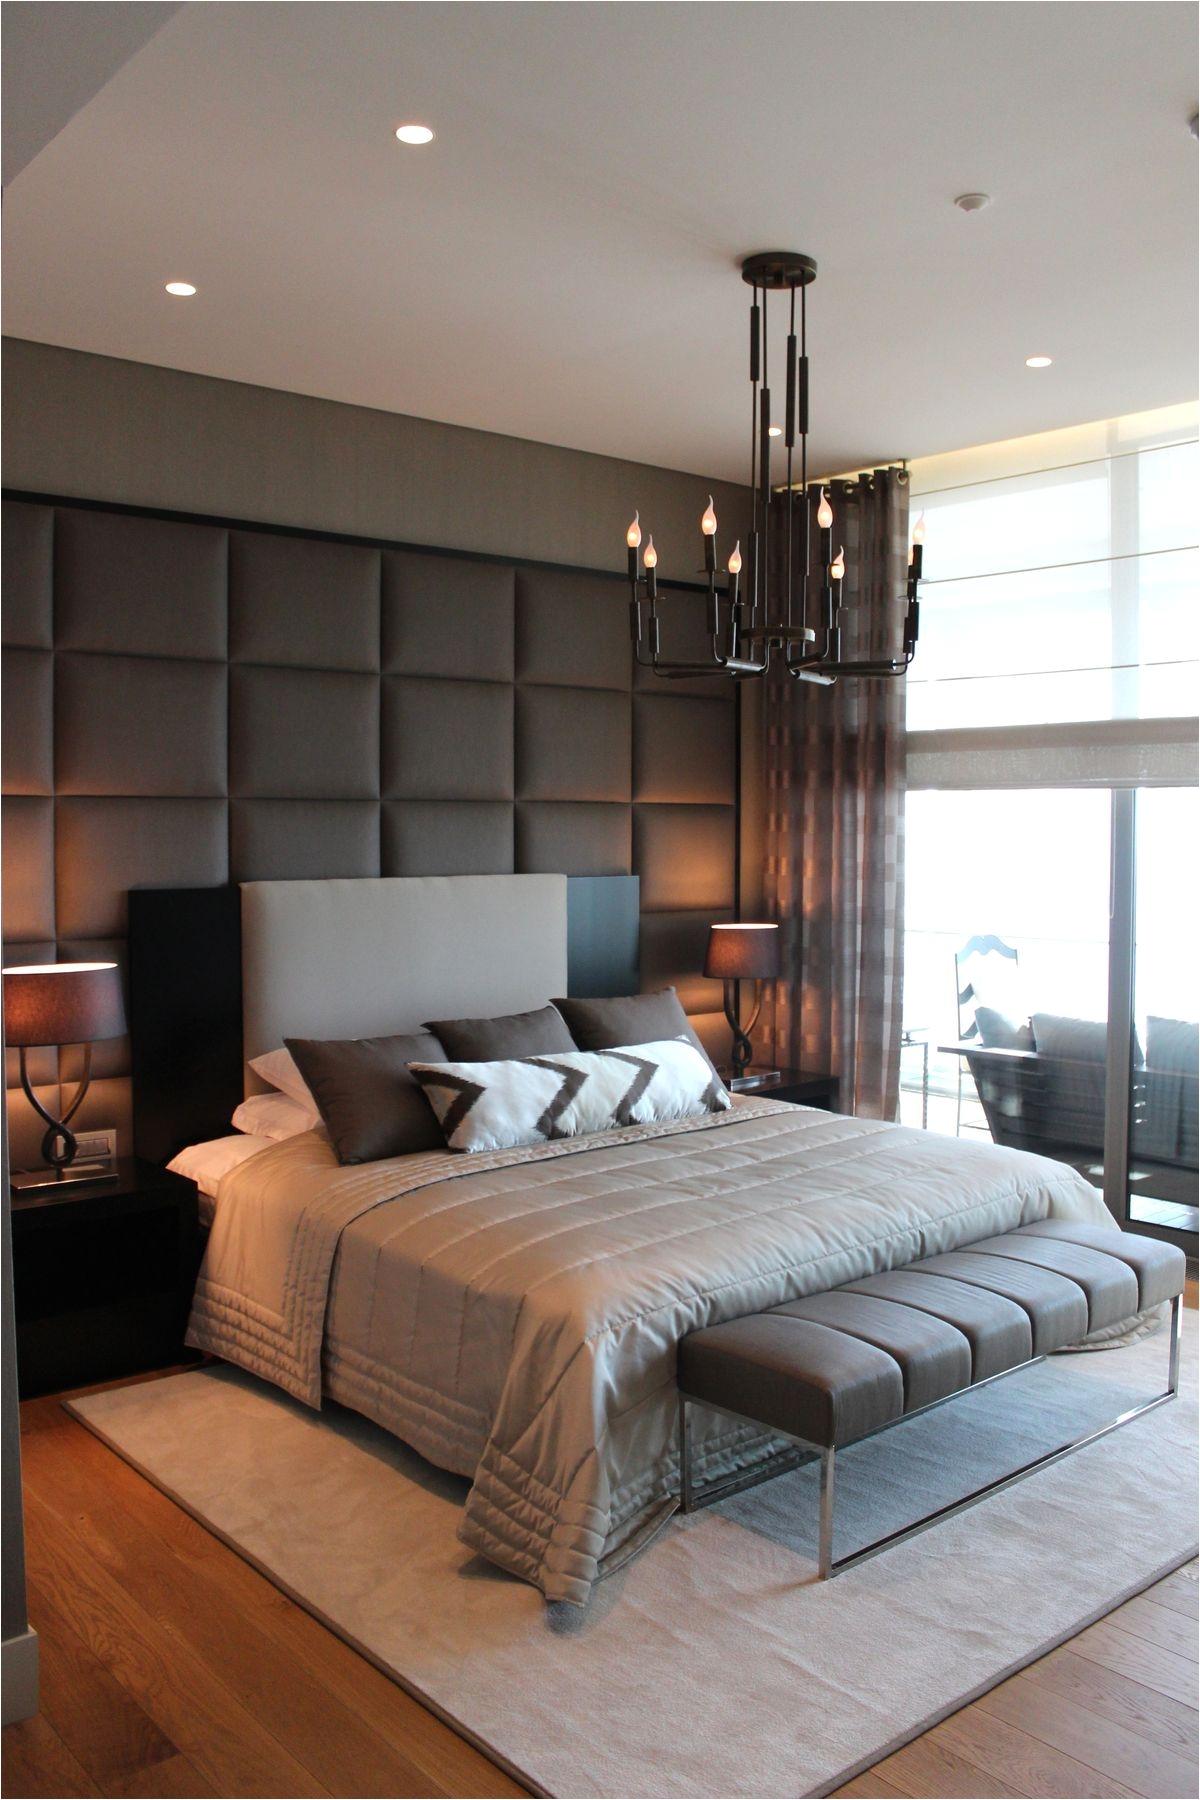 Interior Bedroom Ideas Media Cache Ec0 Pinimg 1200x 03 01 0d